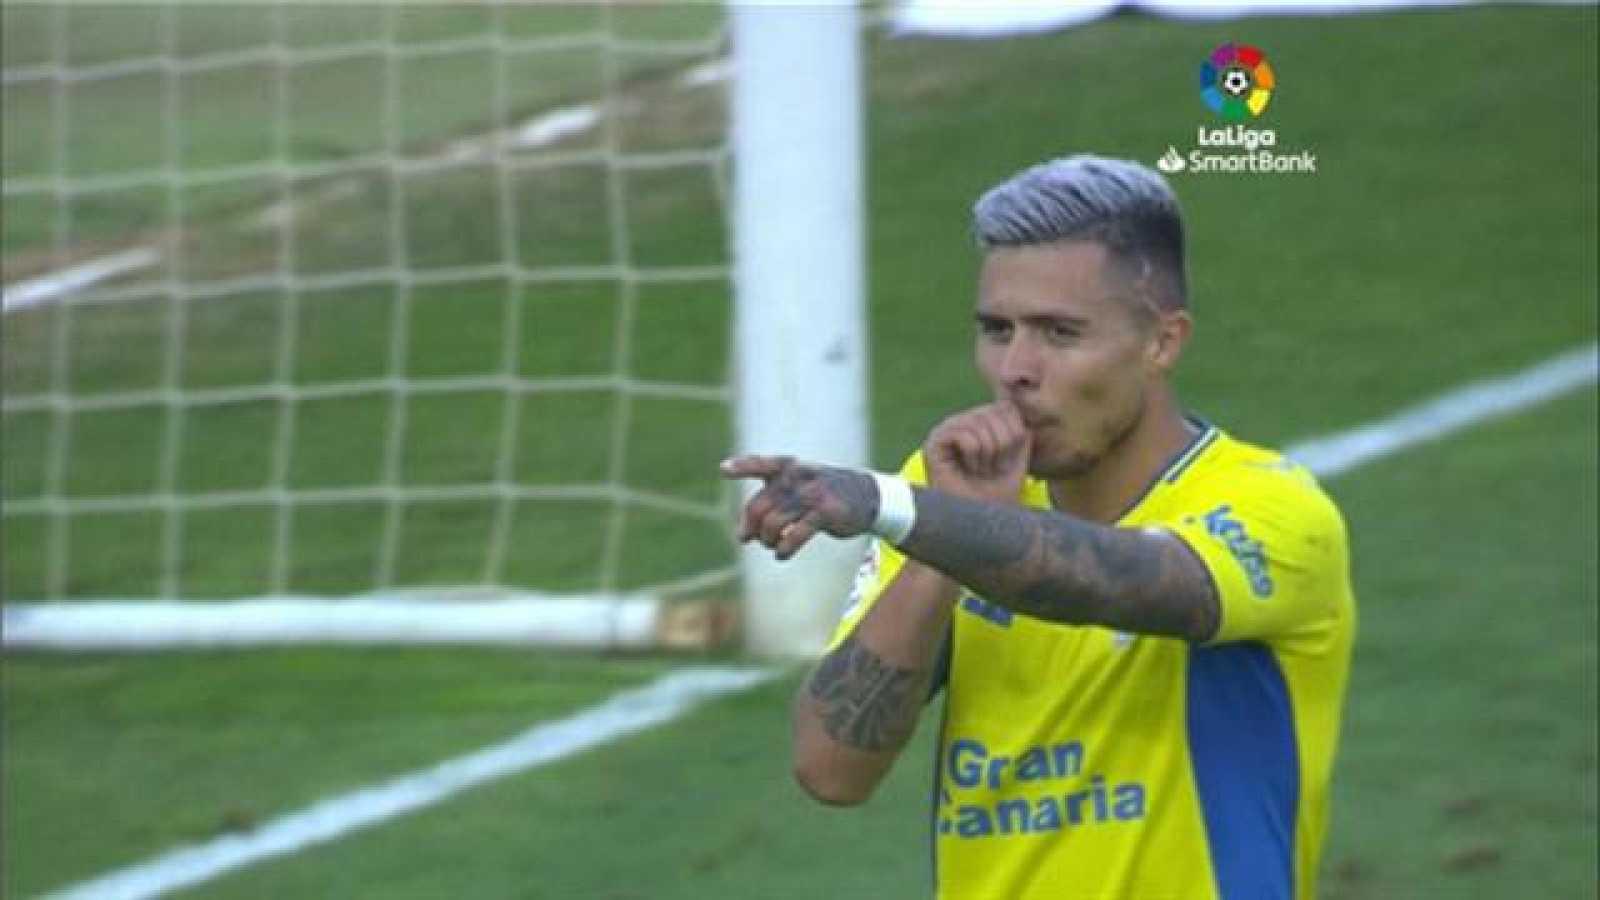 Deportes Canarias - 06/07/2020